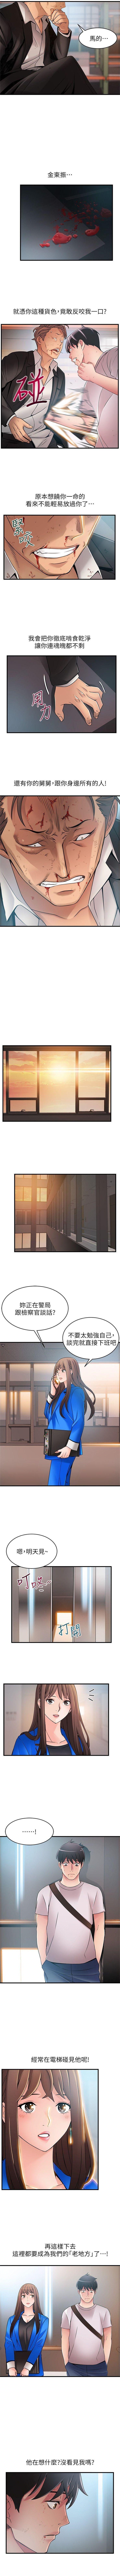 (周7)弱点 1-66 中文翻译(更新中) 181